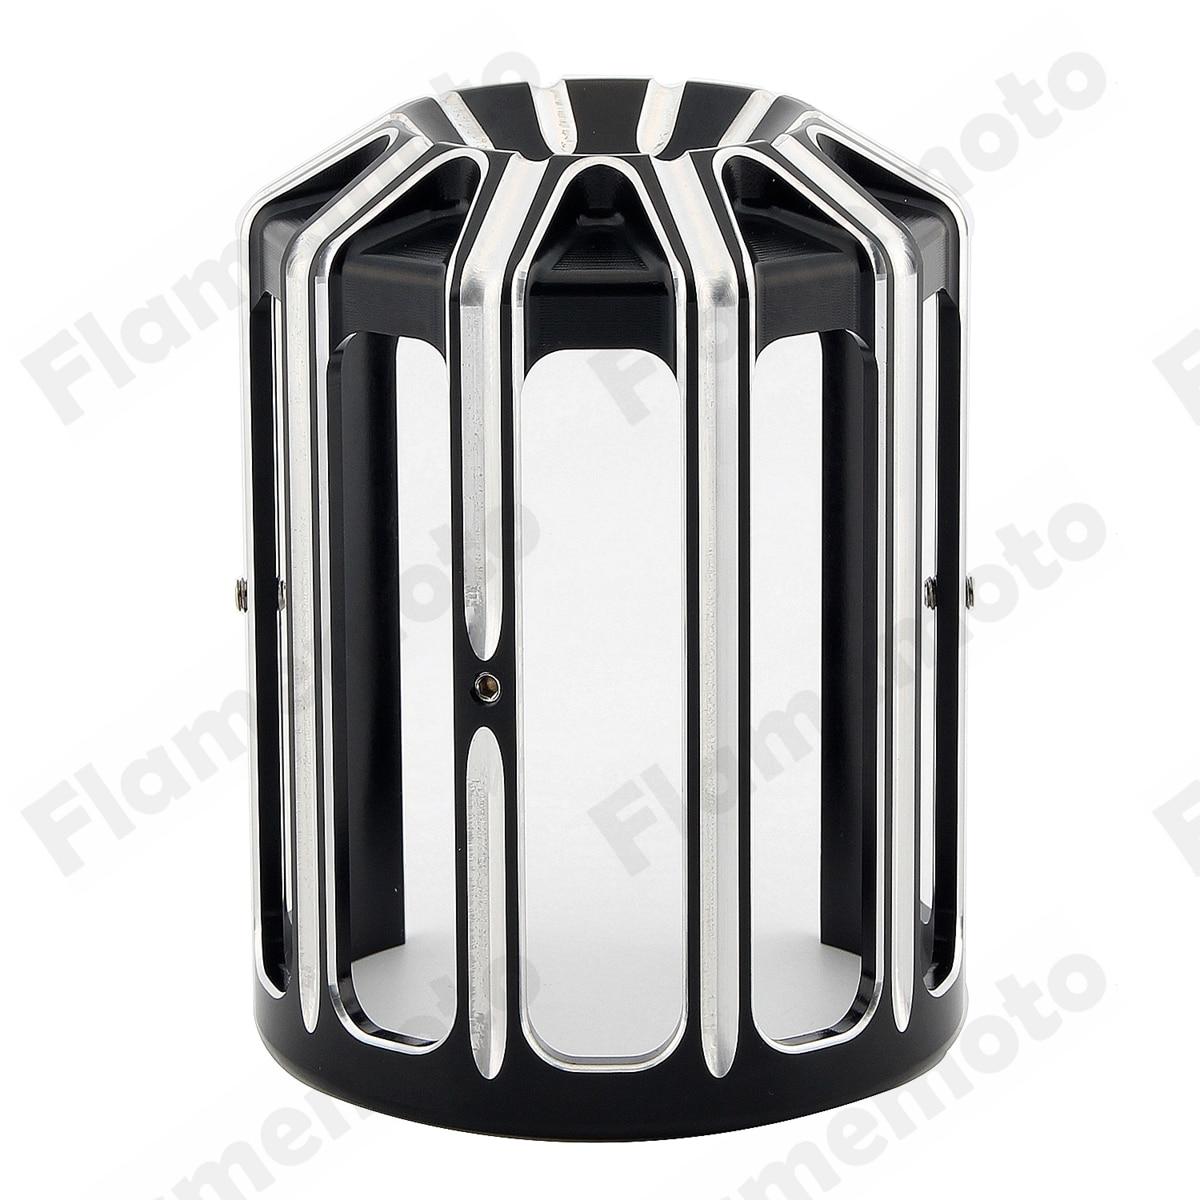 Мотоцикл черный CNC алюминия 10-Датчик Крышка масляного фильтра для Harley FXSB жирный туринг Софтейла dyna с двумя верхними распредвалами модели не определено